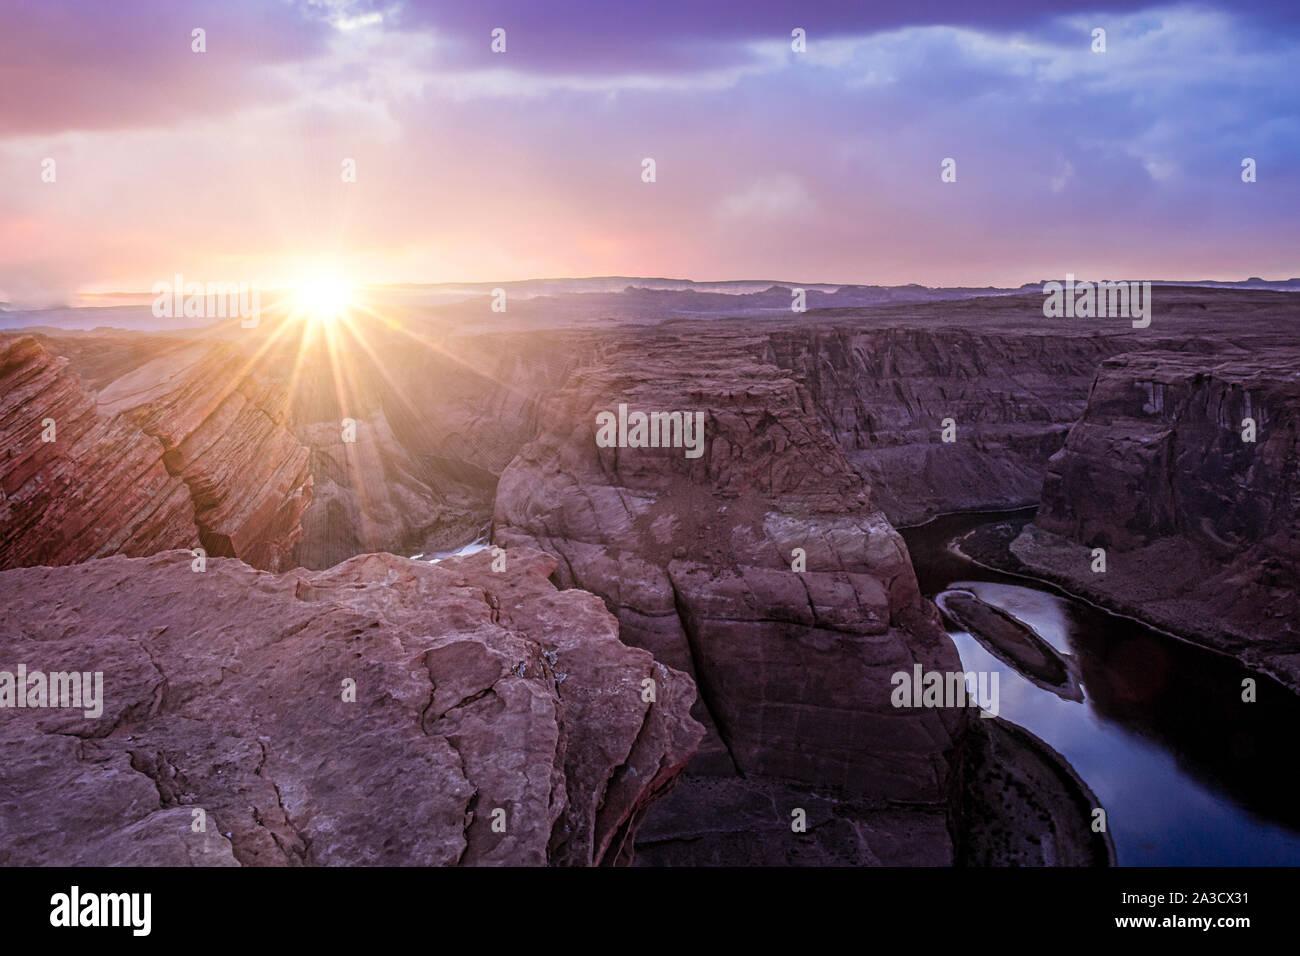 Dramatischer Sonnenuntergang mit Sonnenstrahlen im Horseshoe Canyon in Page, Arizona Bend Stockfoto